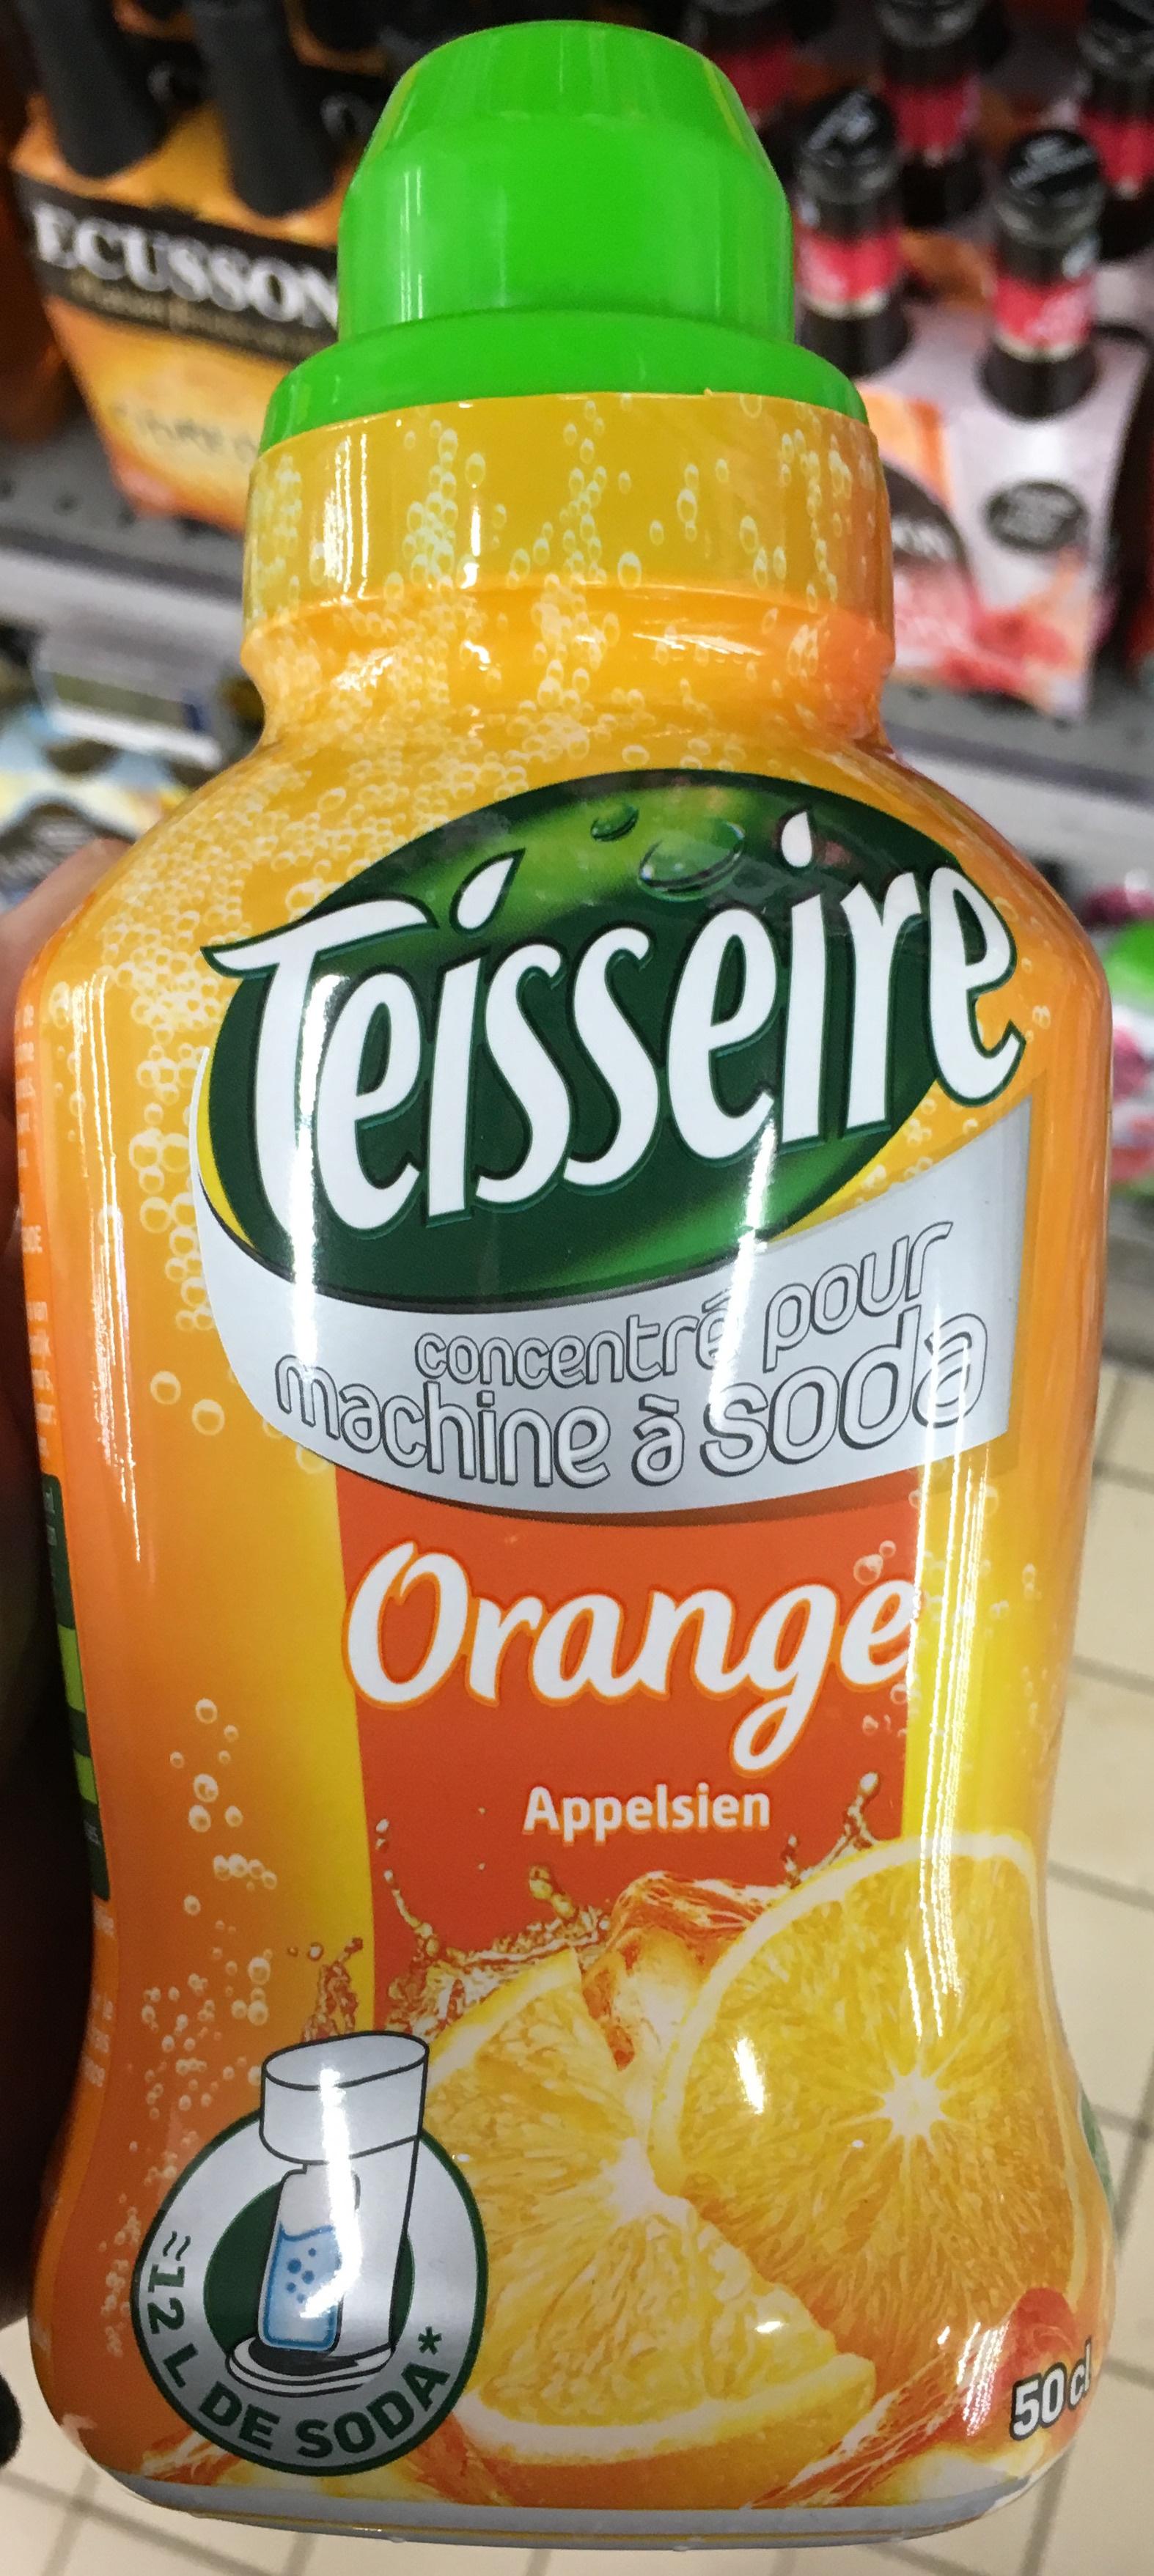 Concentrée pour machine à soda Orange - Product - fr